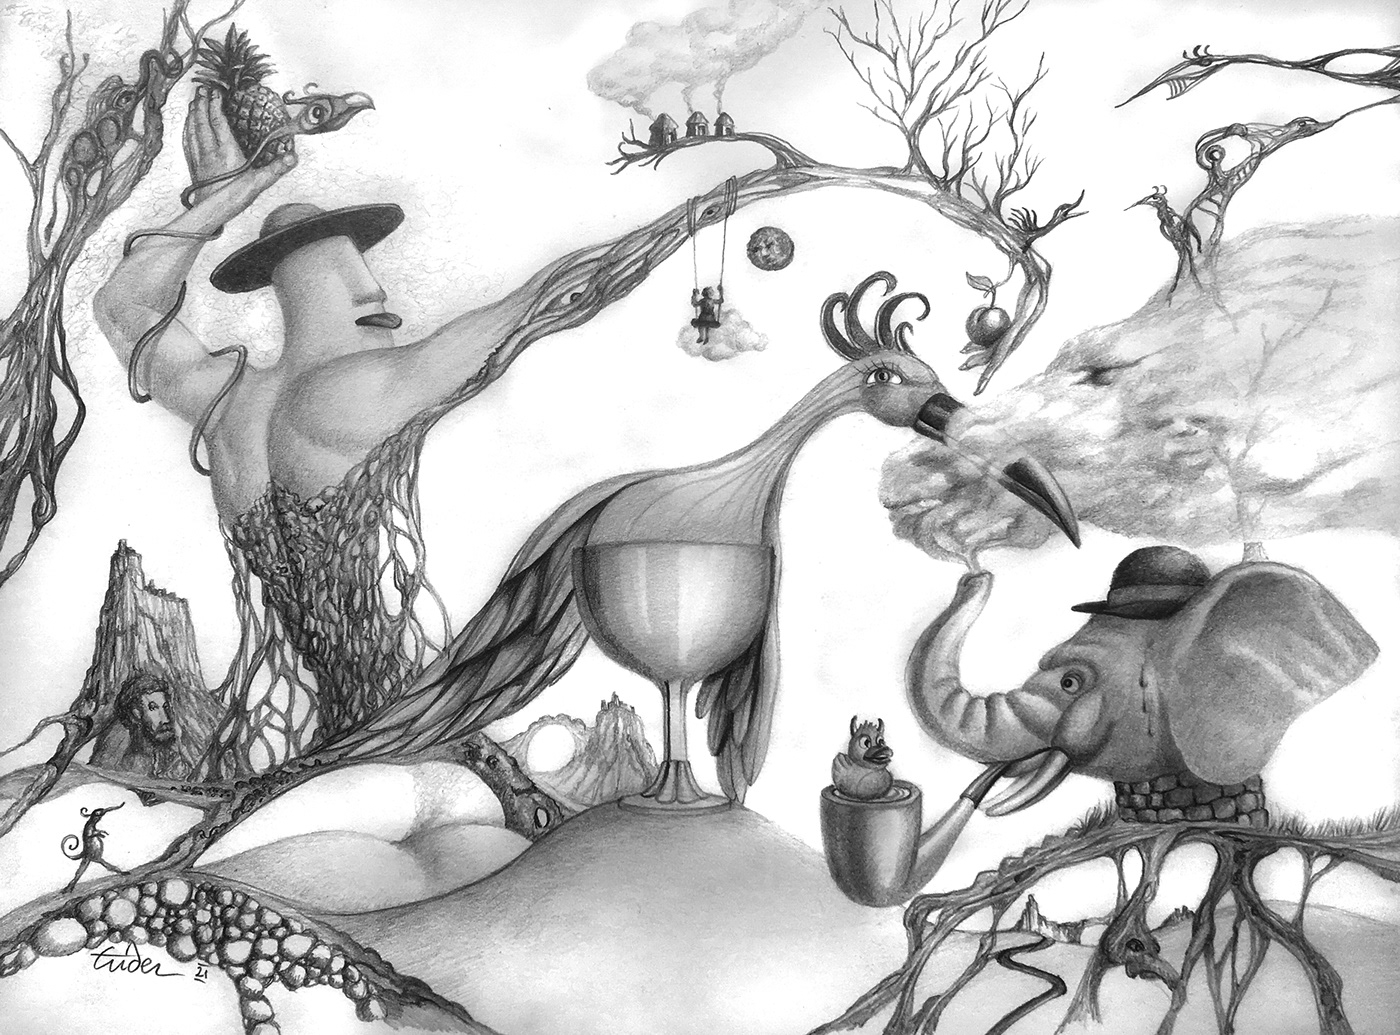 crayon dessin fantasmagorie imaginaire noir et blanc poétique Rêve surrealiste